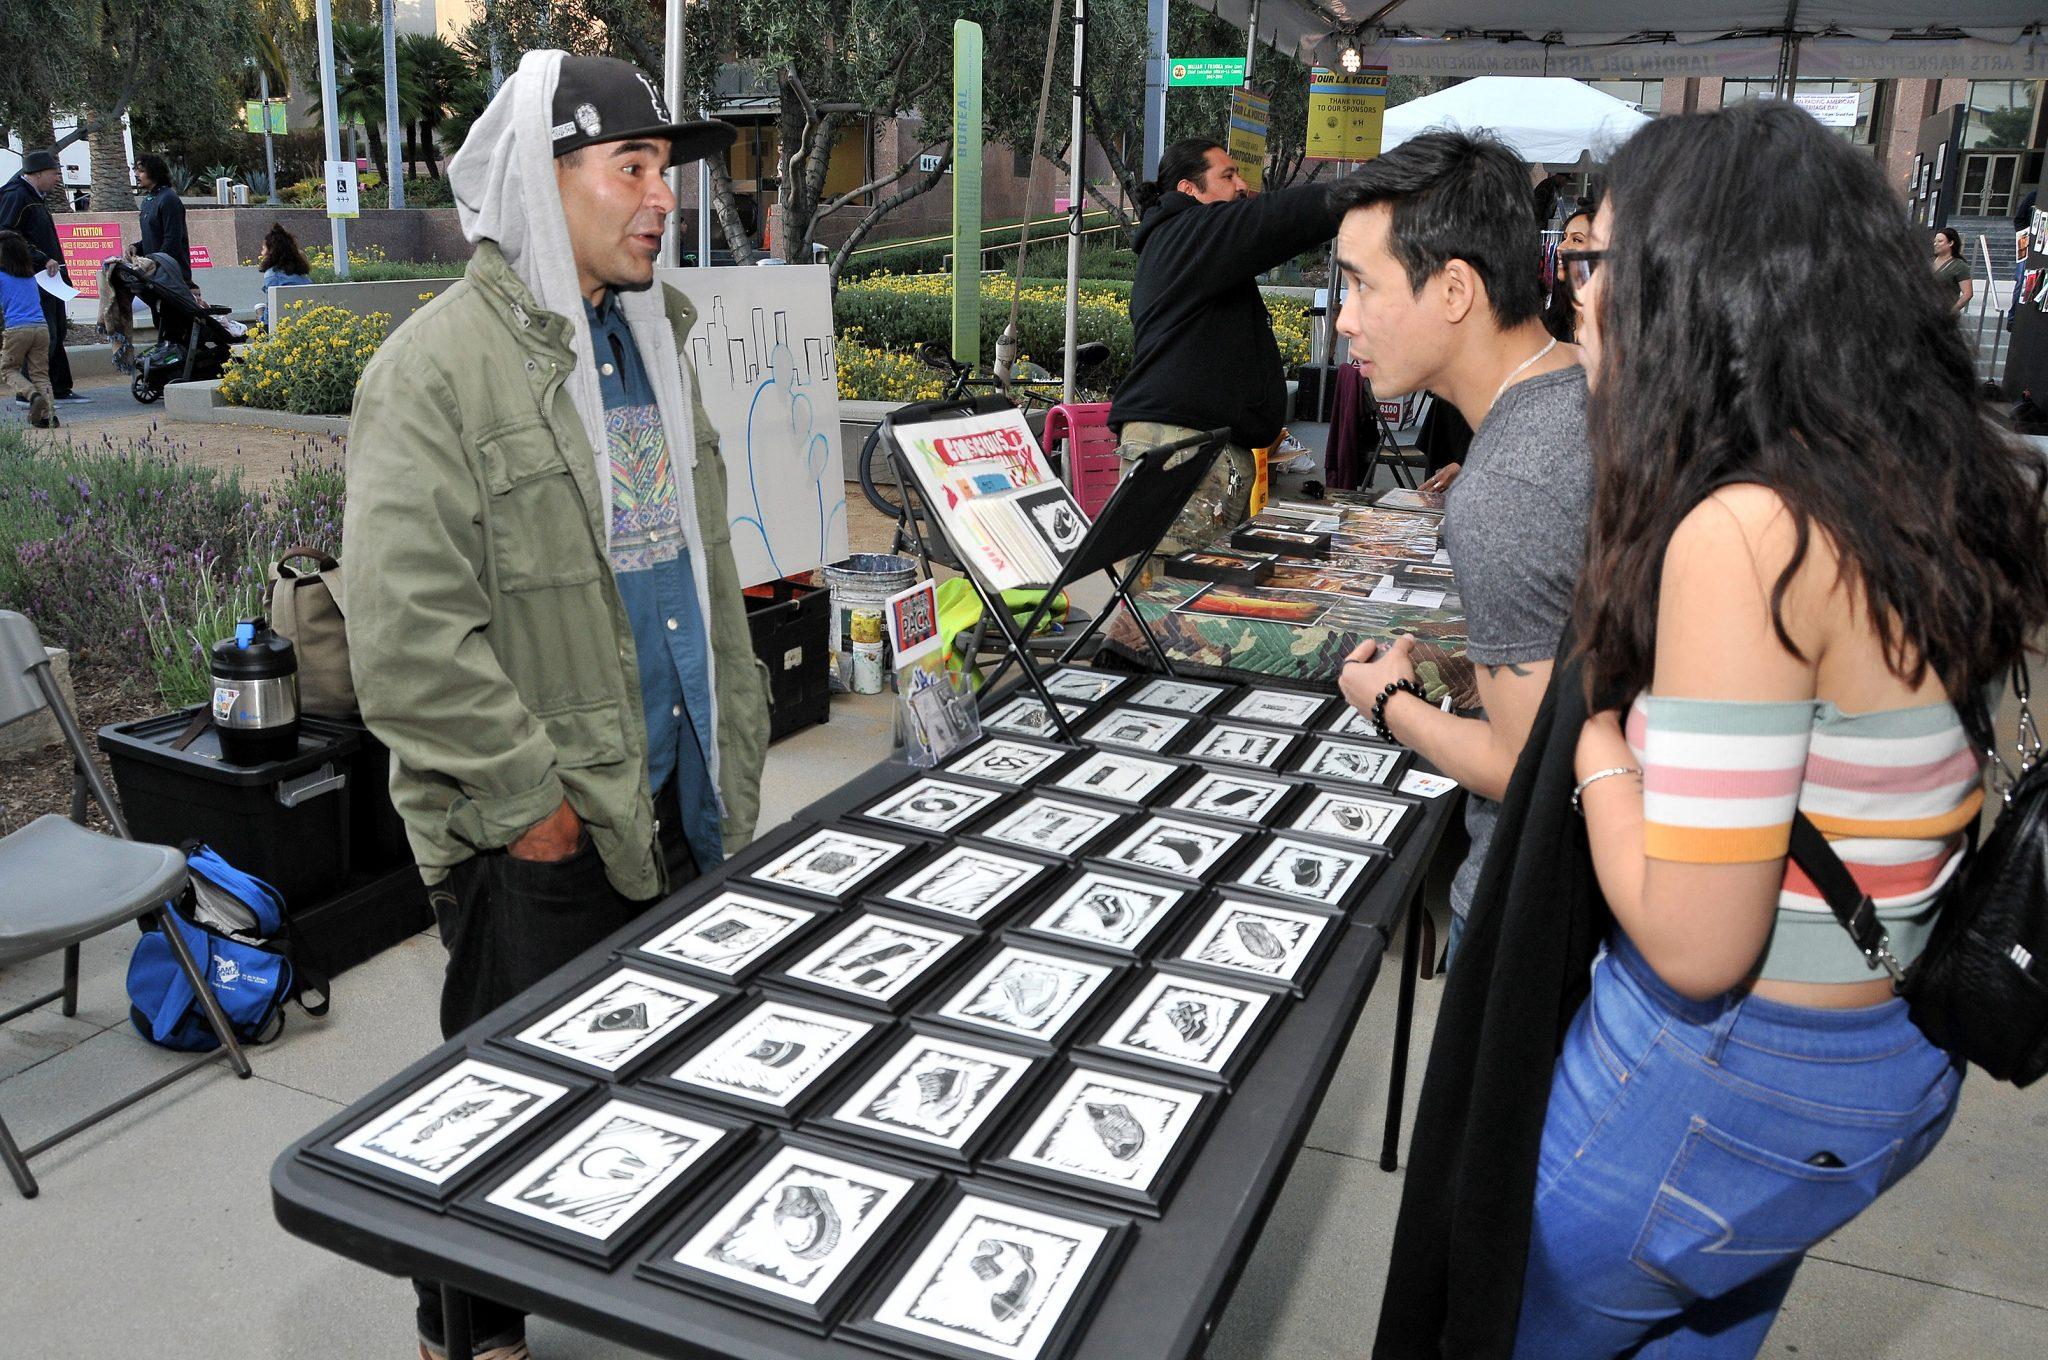 Grand Park's Our L.A. Voices: L.A. Arts Festival